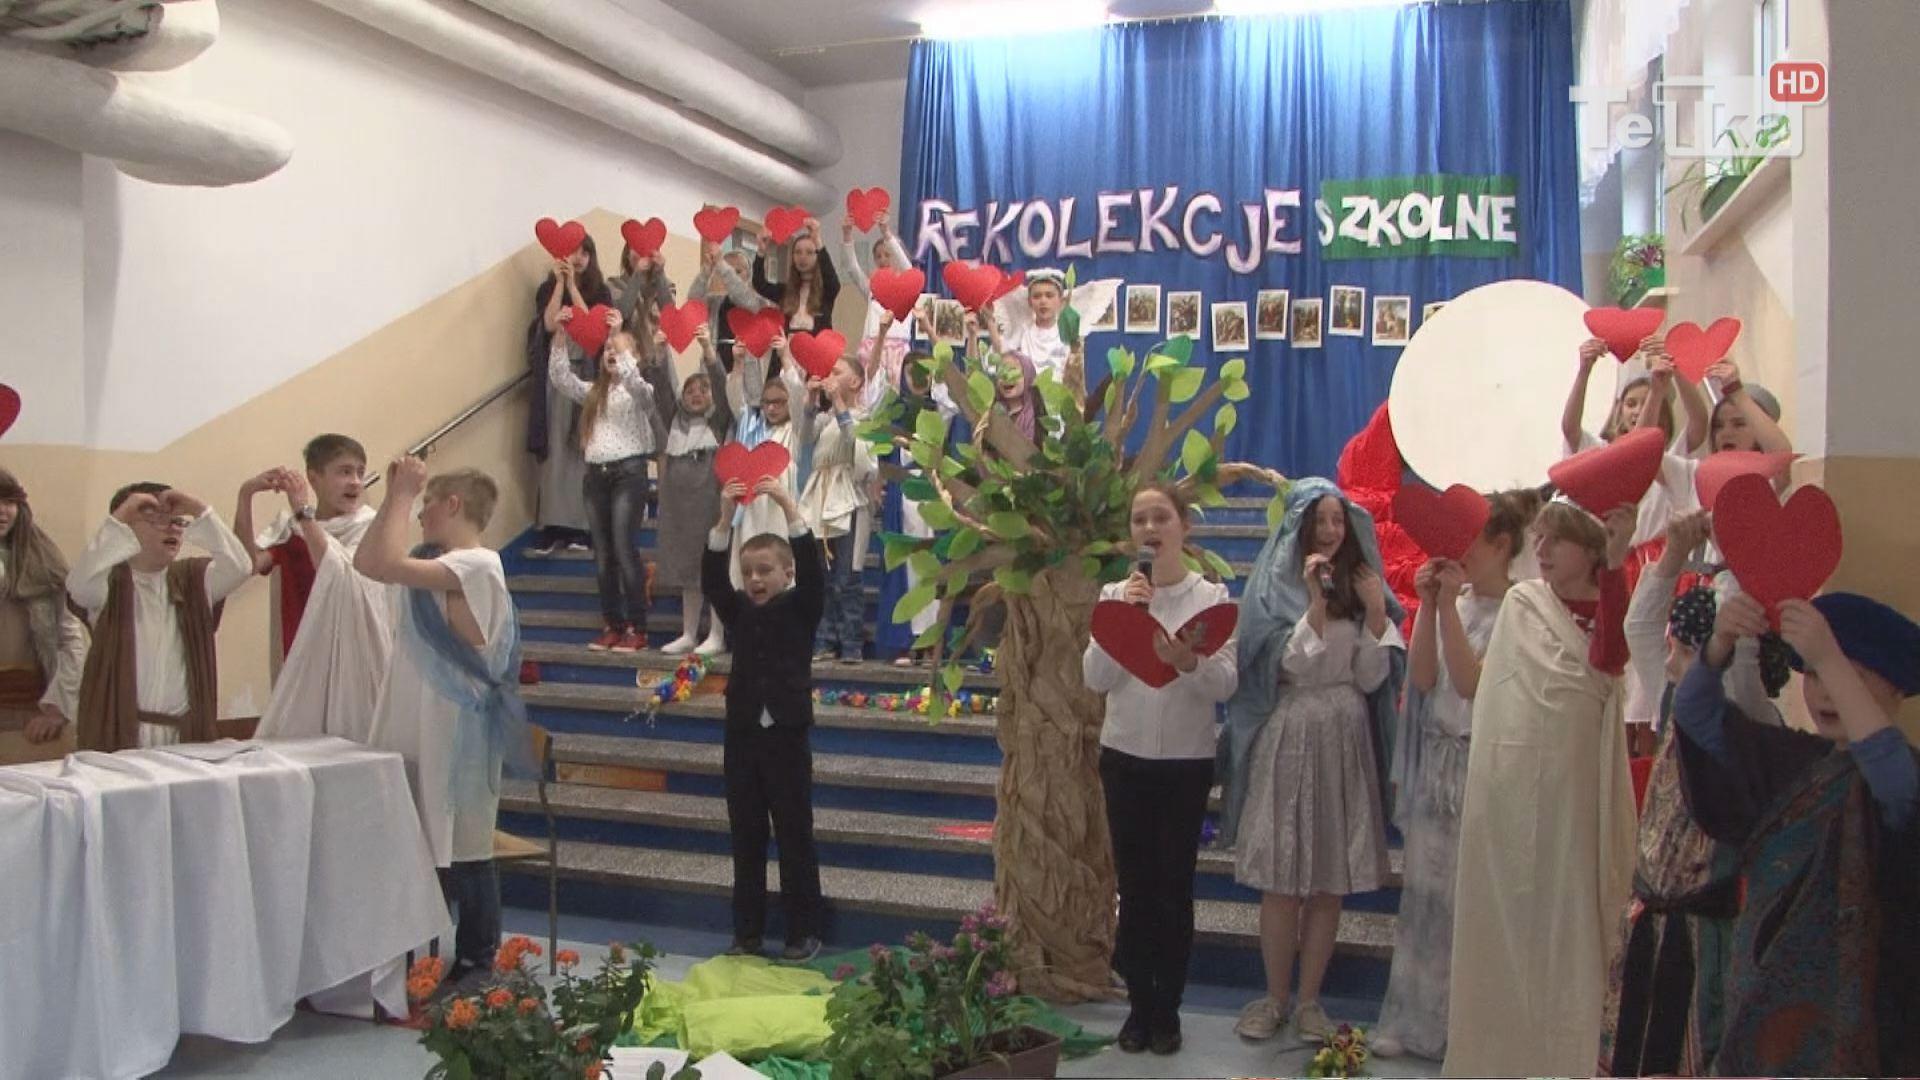 spektakl uczniów